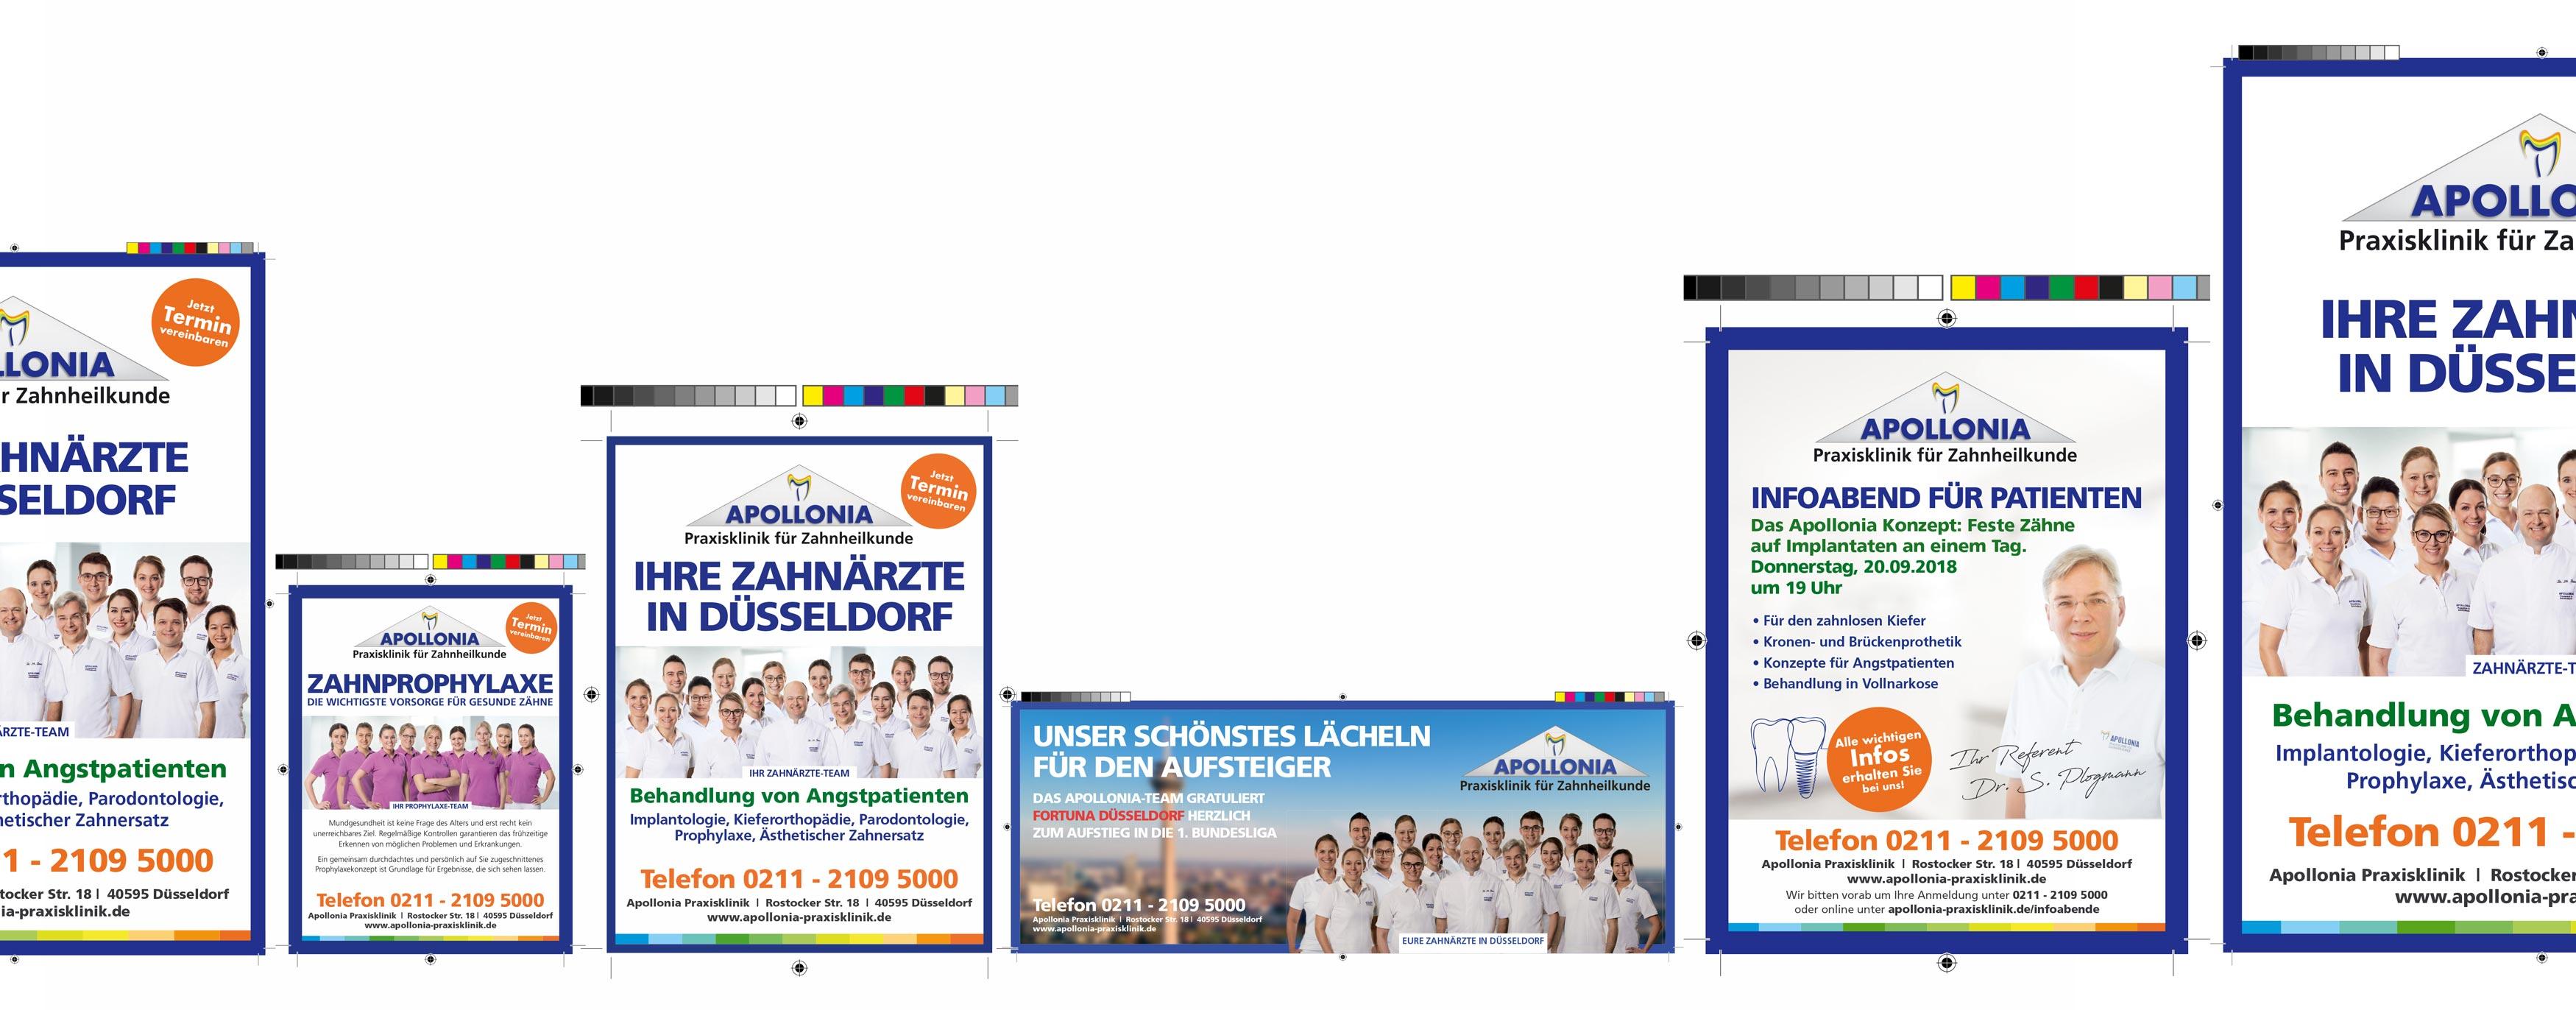 Printmedien für Apollonia Praxisklinik made by Onelio Werbeagentur Düsseldorf